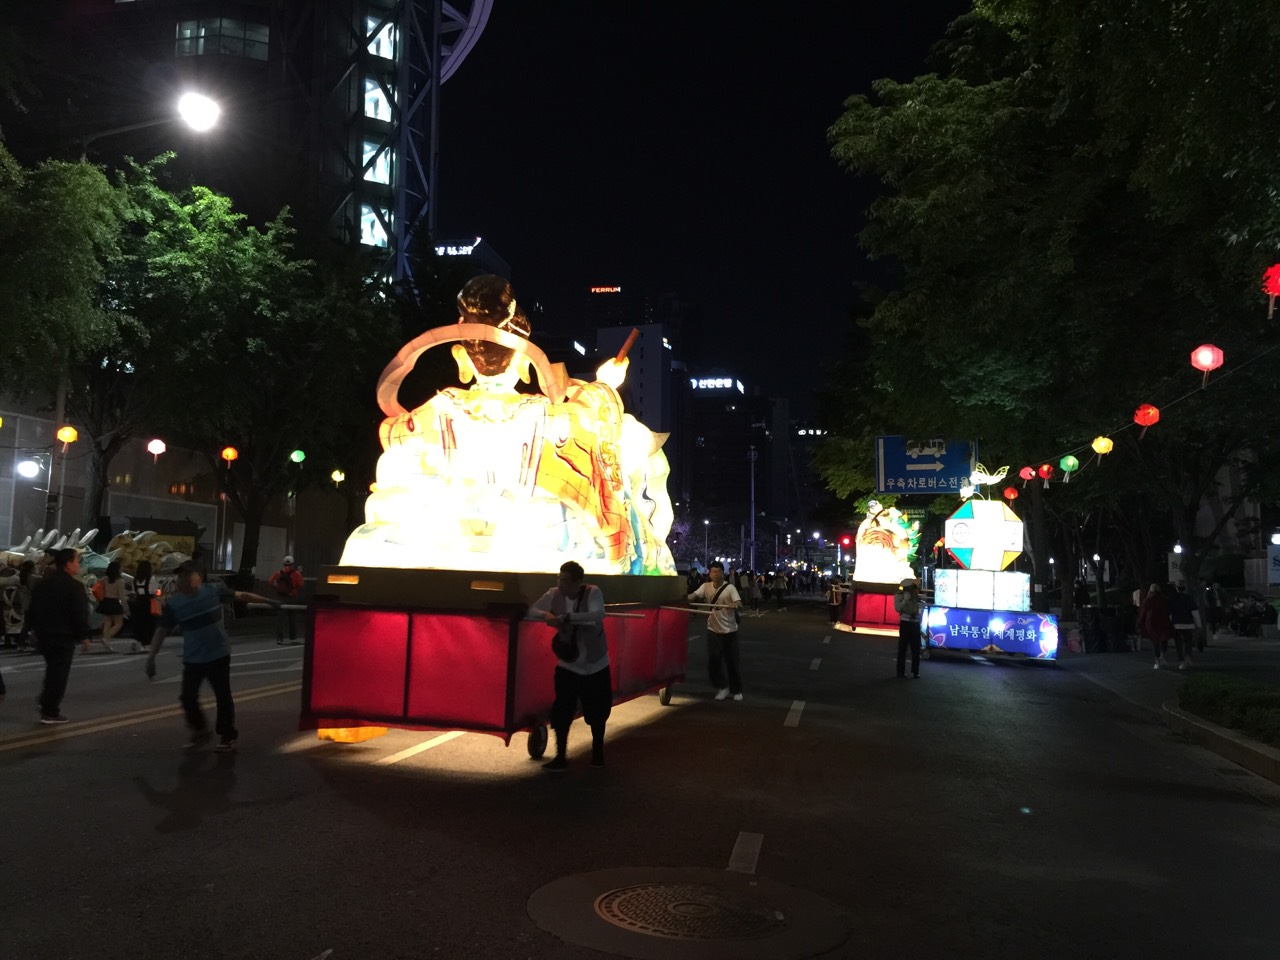 驚愕のキノコ鍋 in 弘大(ホンデ)_b0060363_2315575.jpg